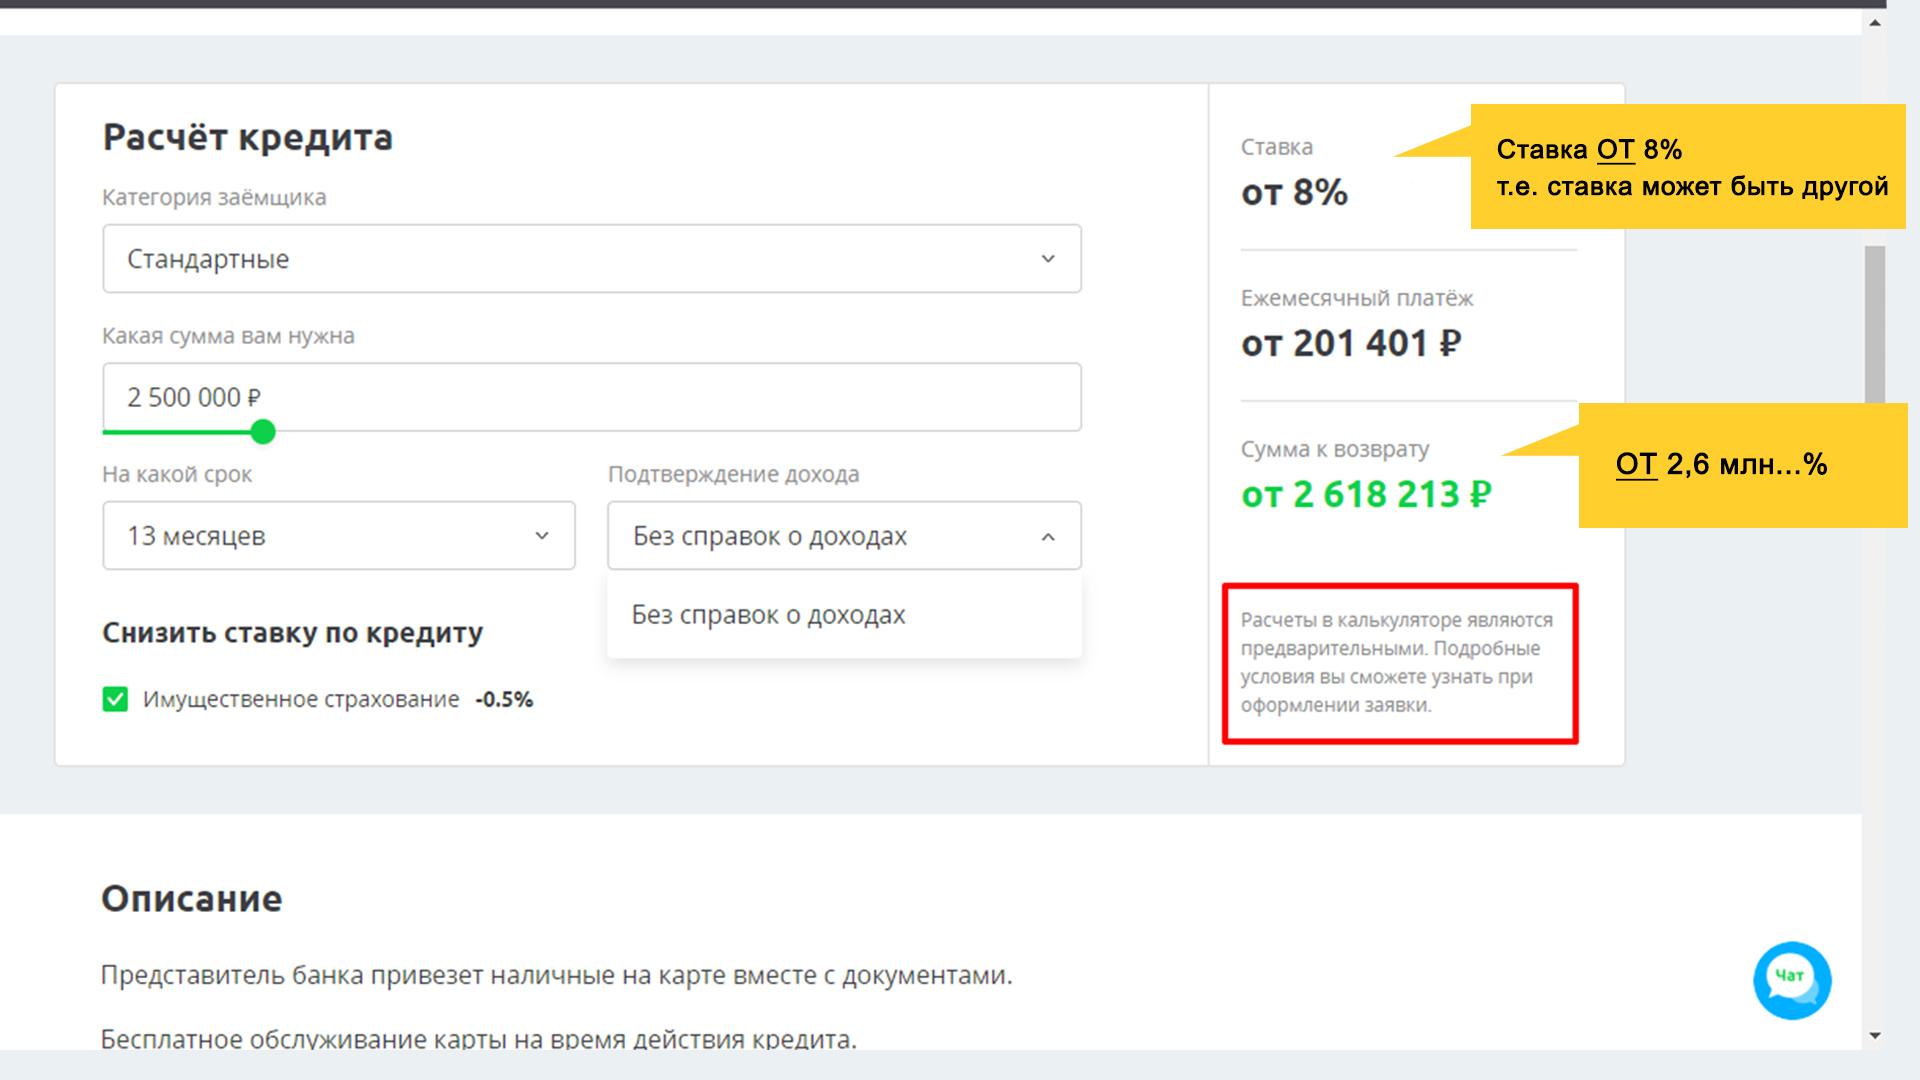 Калькуляция выплат по конкретному кредитному предложению. банка на сайте sravni.ru